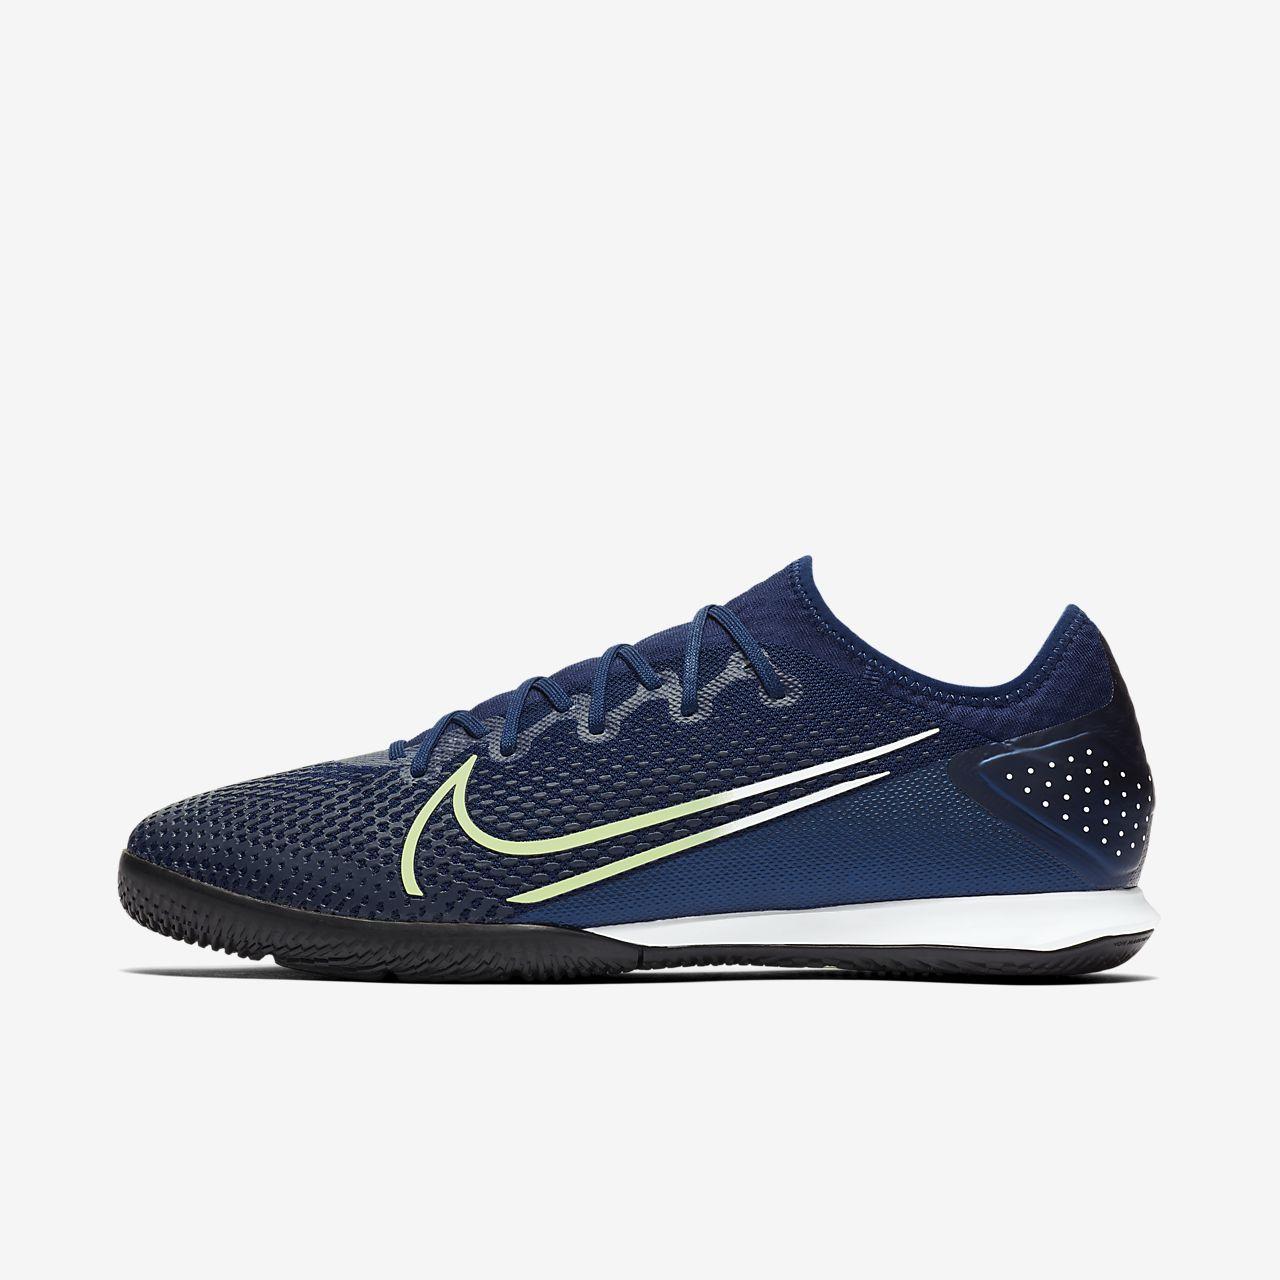 Nike Mercurial Vapor 13 Pro MDS IC fotballsko til innendørsbane/gate